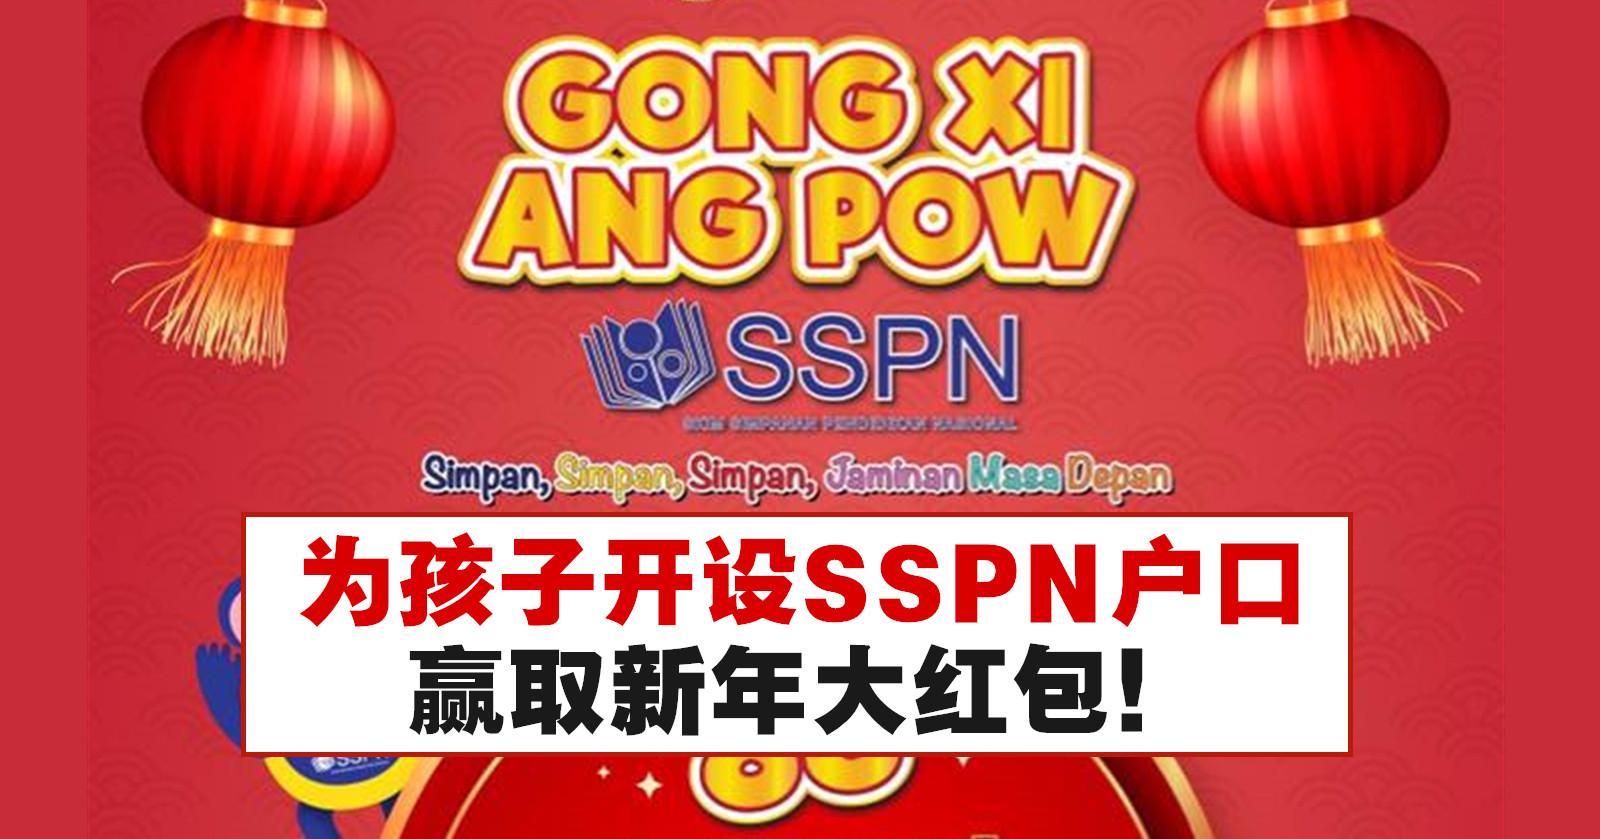 为孩子开设SSPN户口,赢取新年大红包!